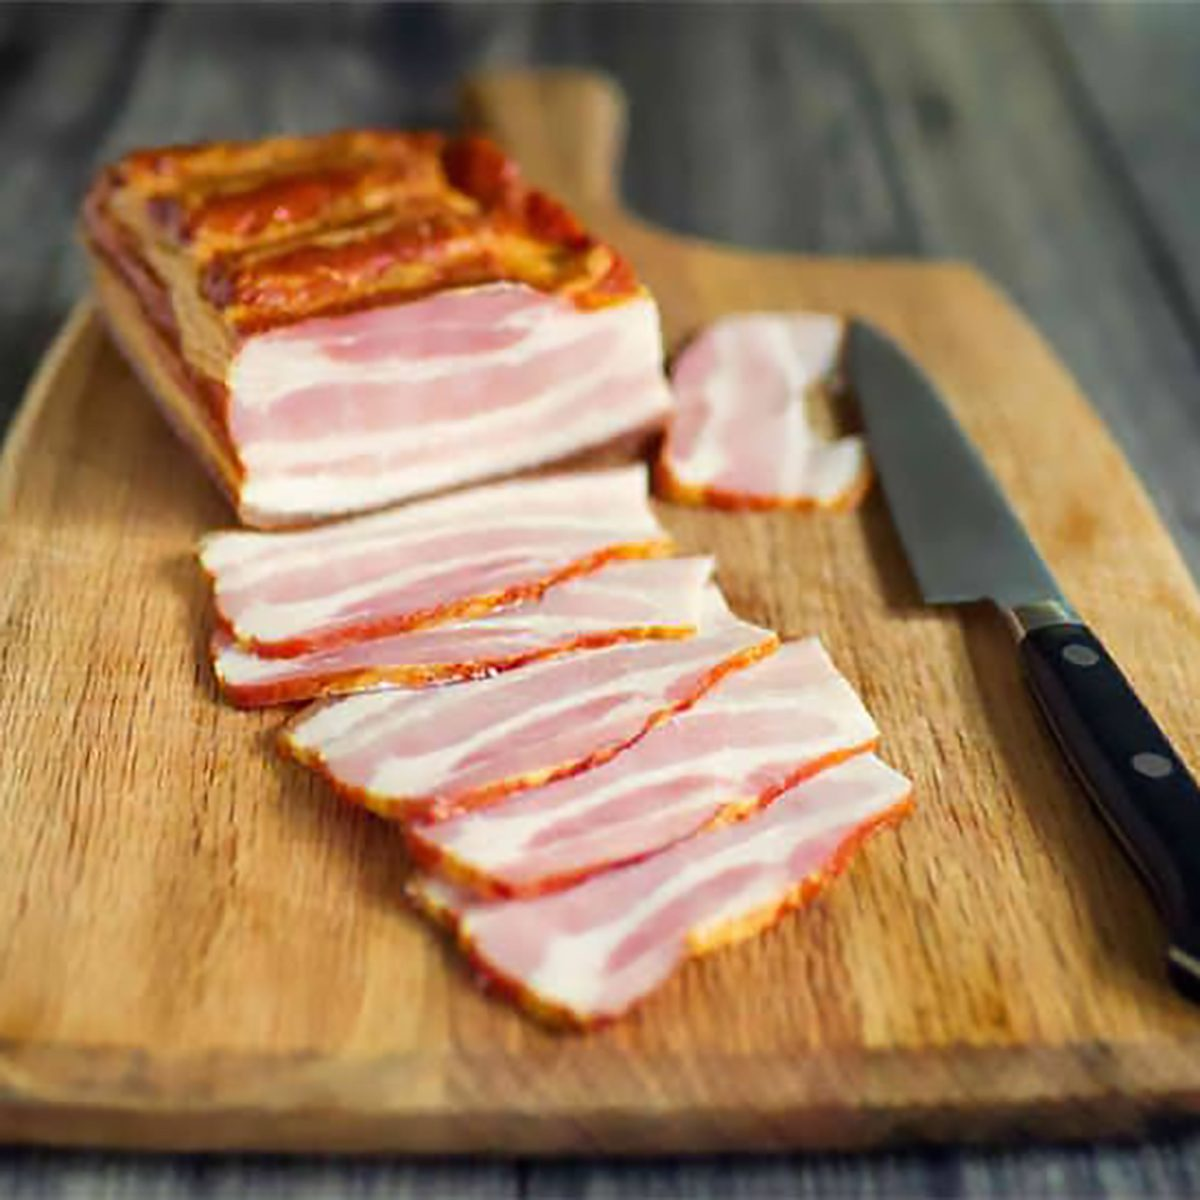 Best Bacon of Delaware